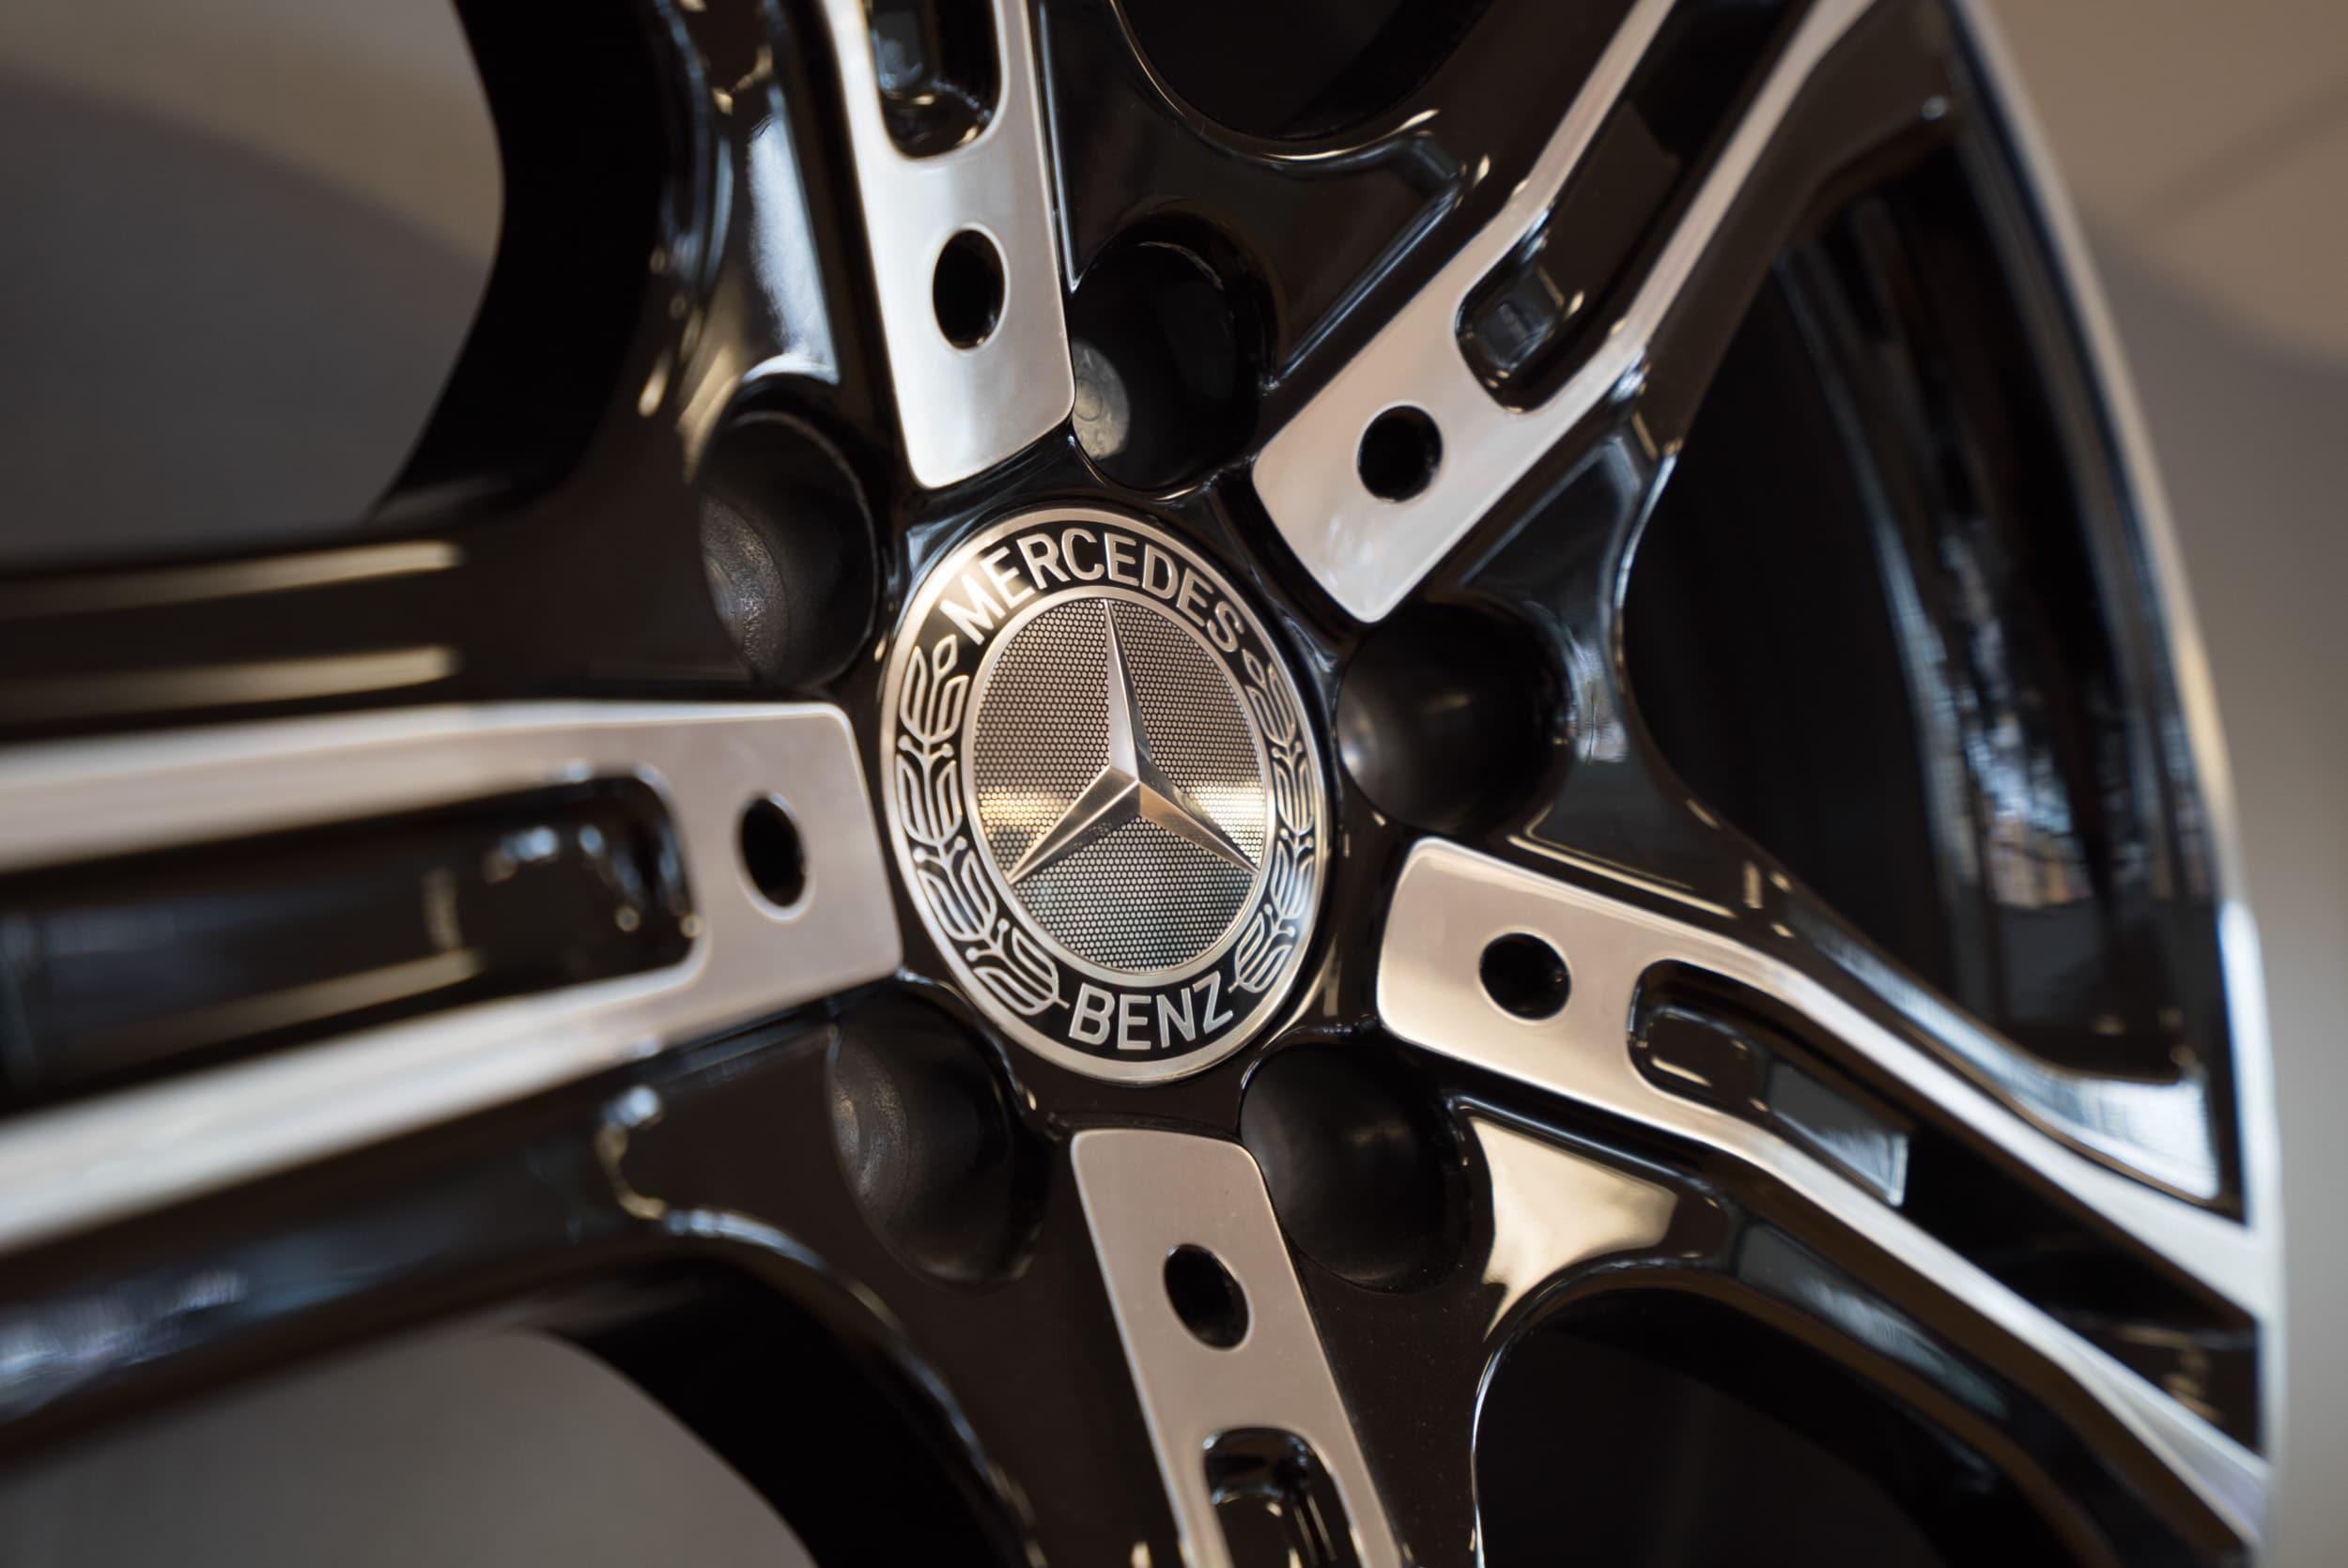 Mercedes benz dealership pembroke pines fiat world test for Mercedes benz pembroke pines service